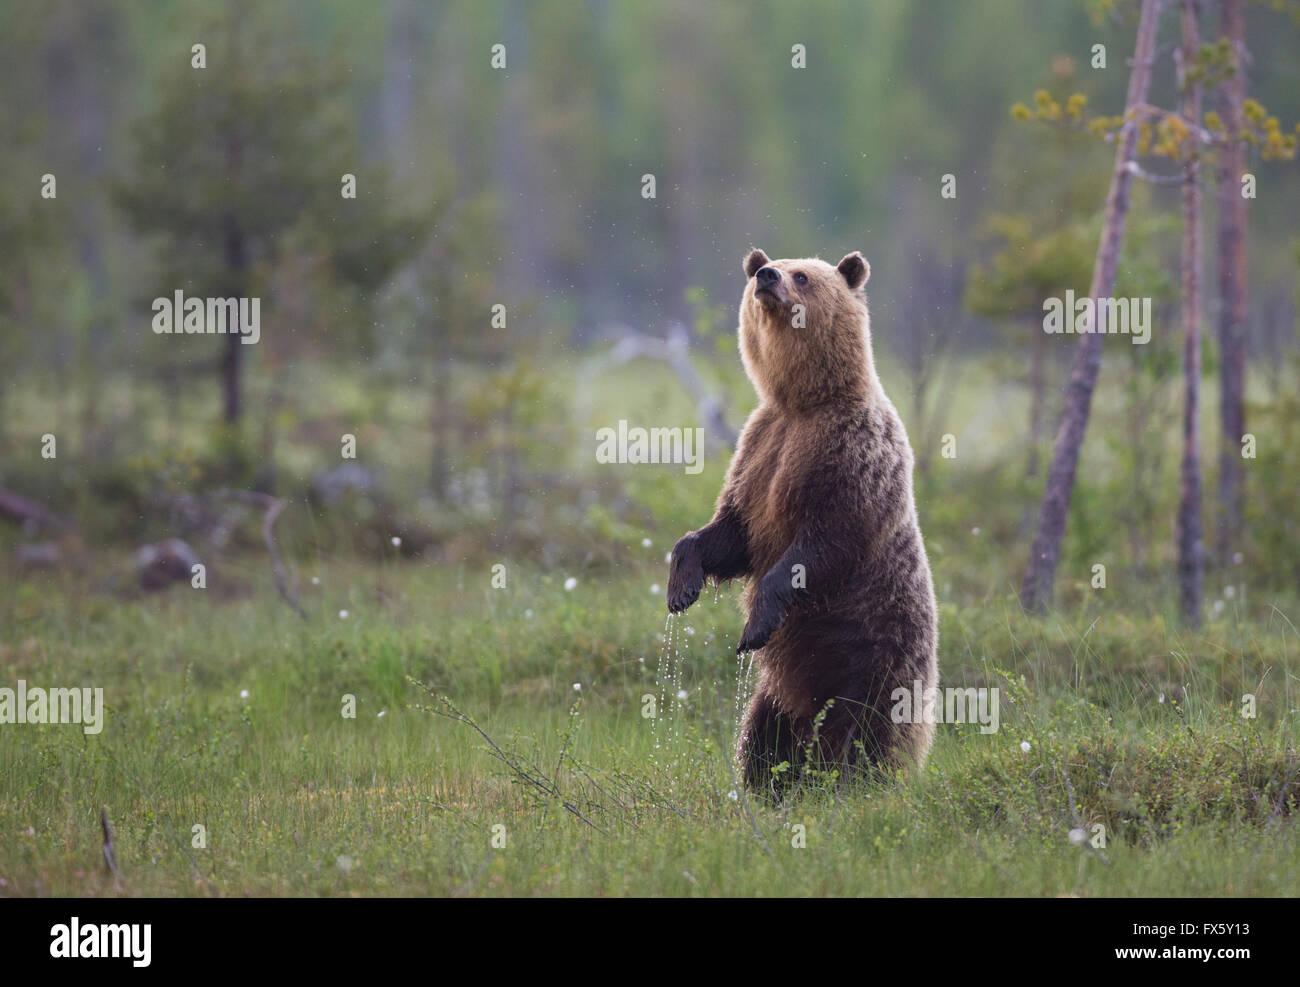 Oso Pardo, Ursus arctos, pararse sobre sus patas traseras o patas traseras y oler en el aire, Kuhmo, Finlandia Imagen De Stock